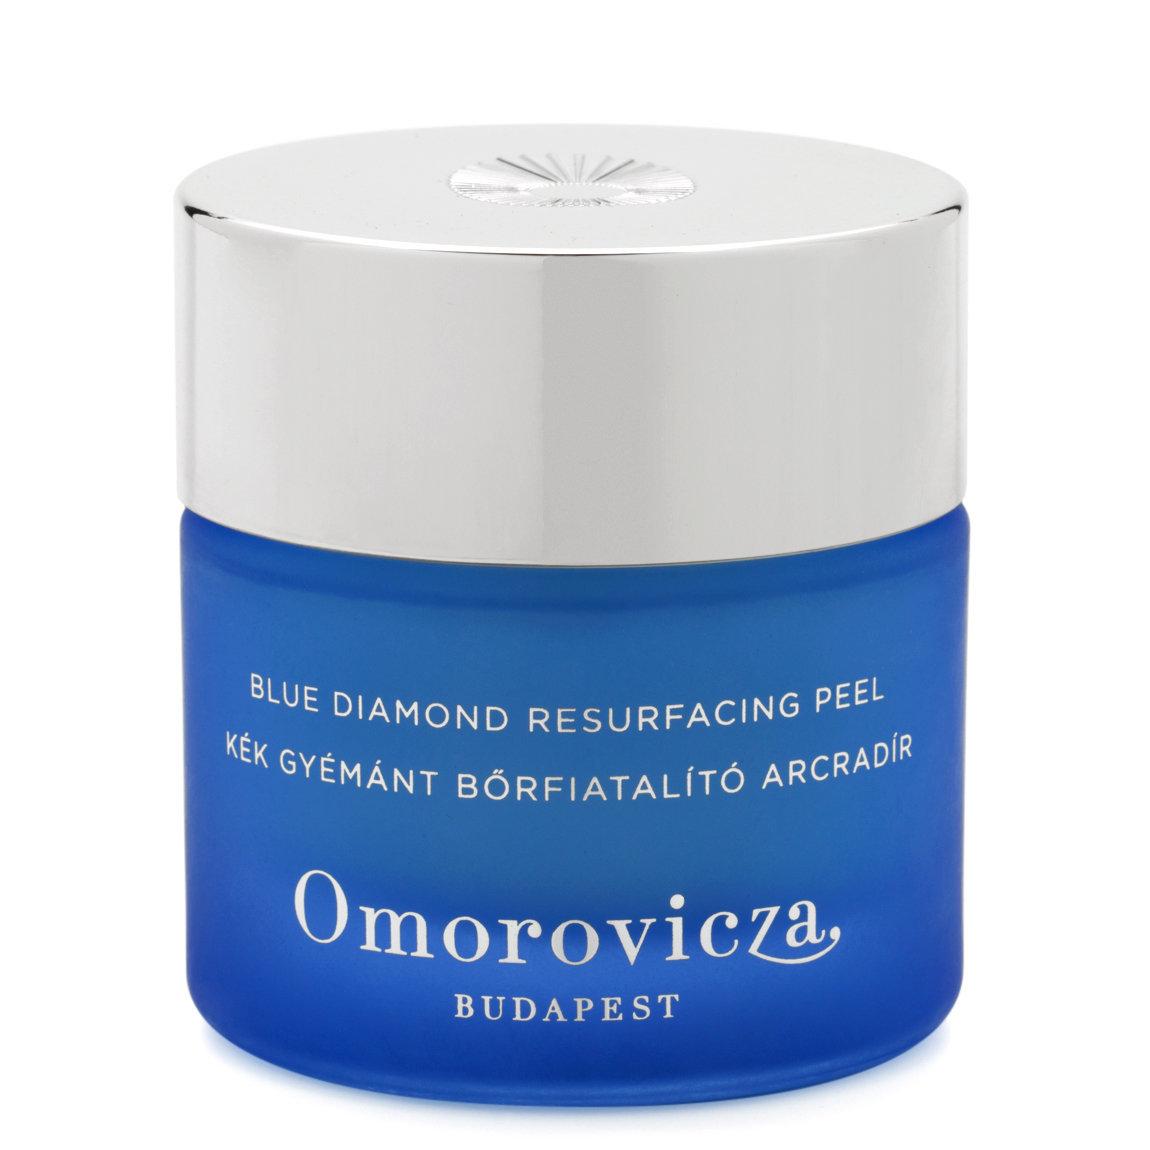 Omorovicza Blue Diamond Resurfacing Peel alternative view 1 - product swatch.